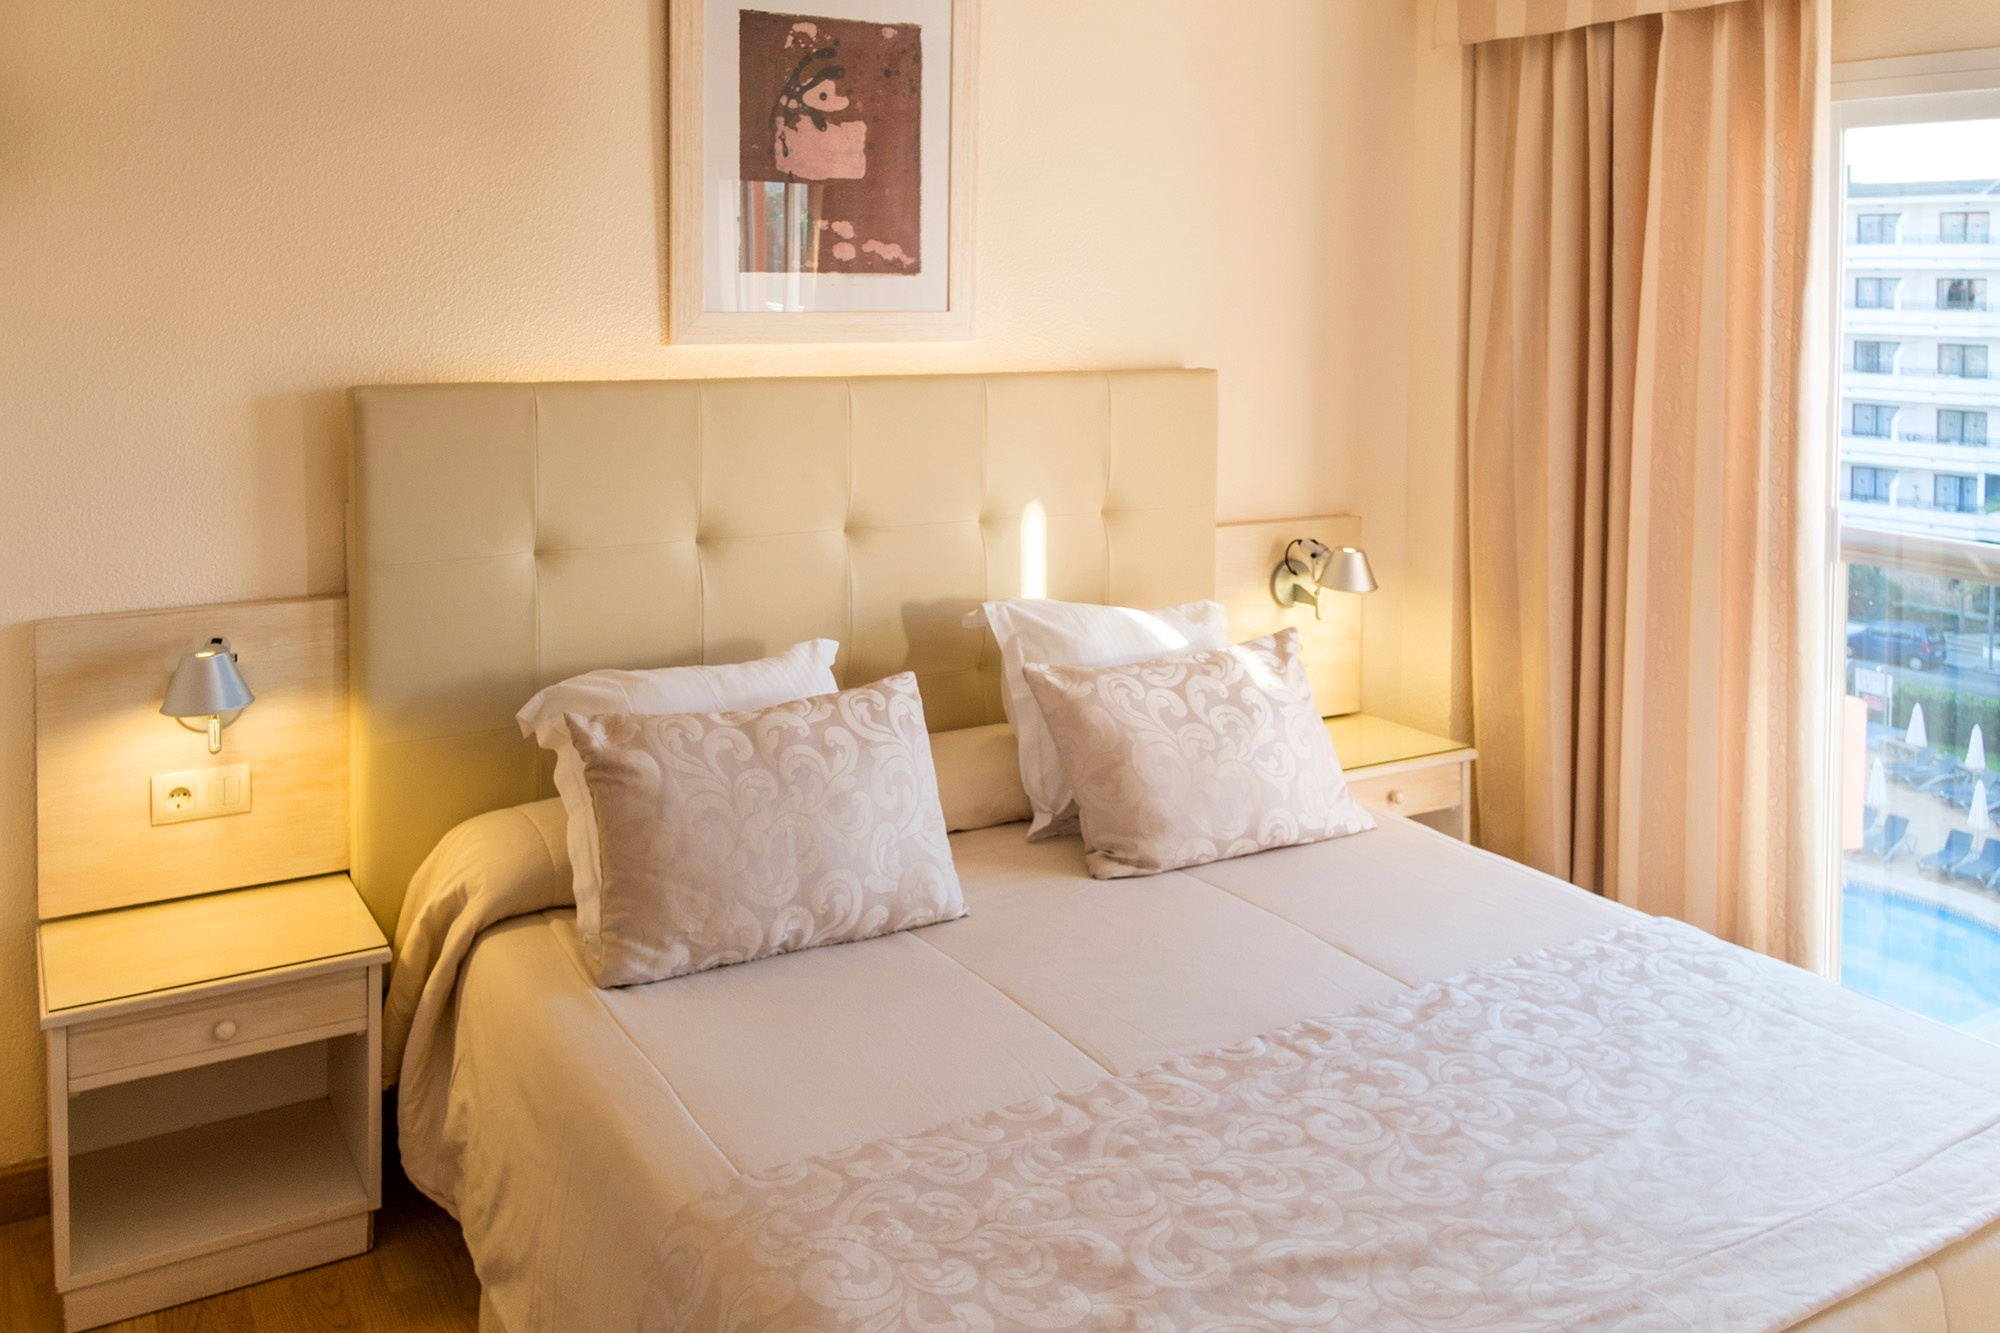 2 bedroom apartment viva sunrise.jpg